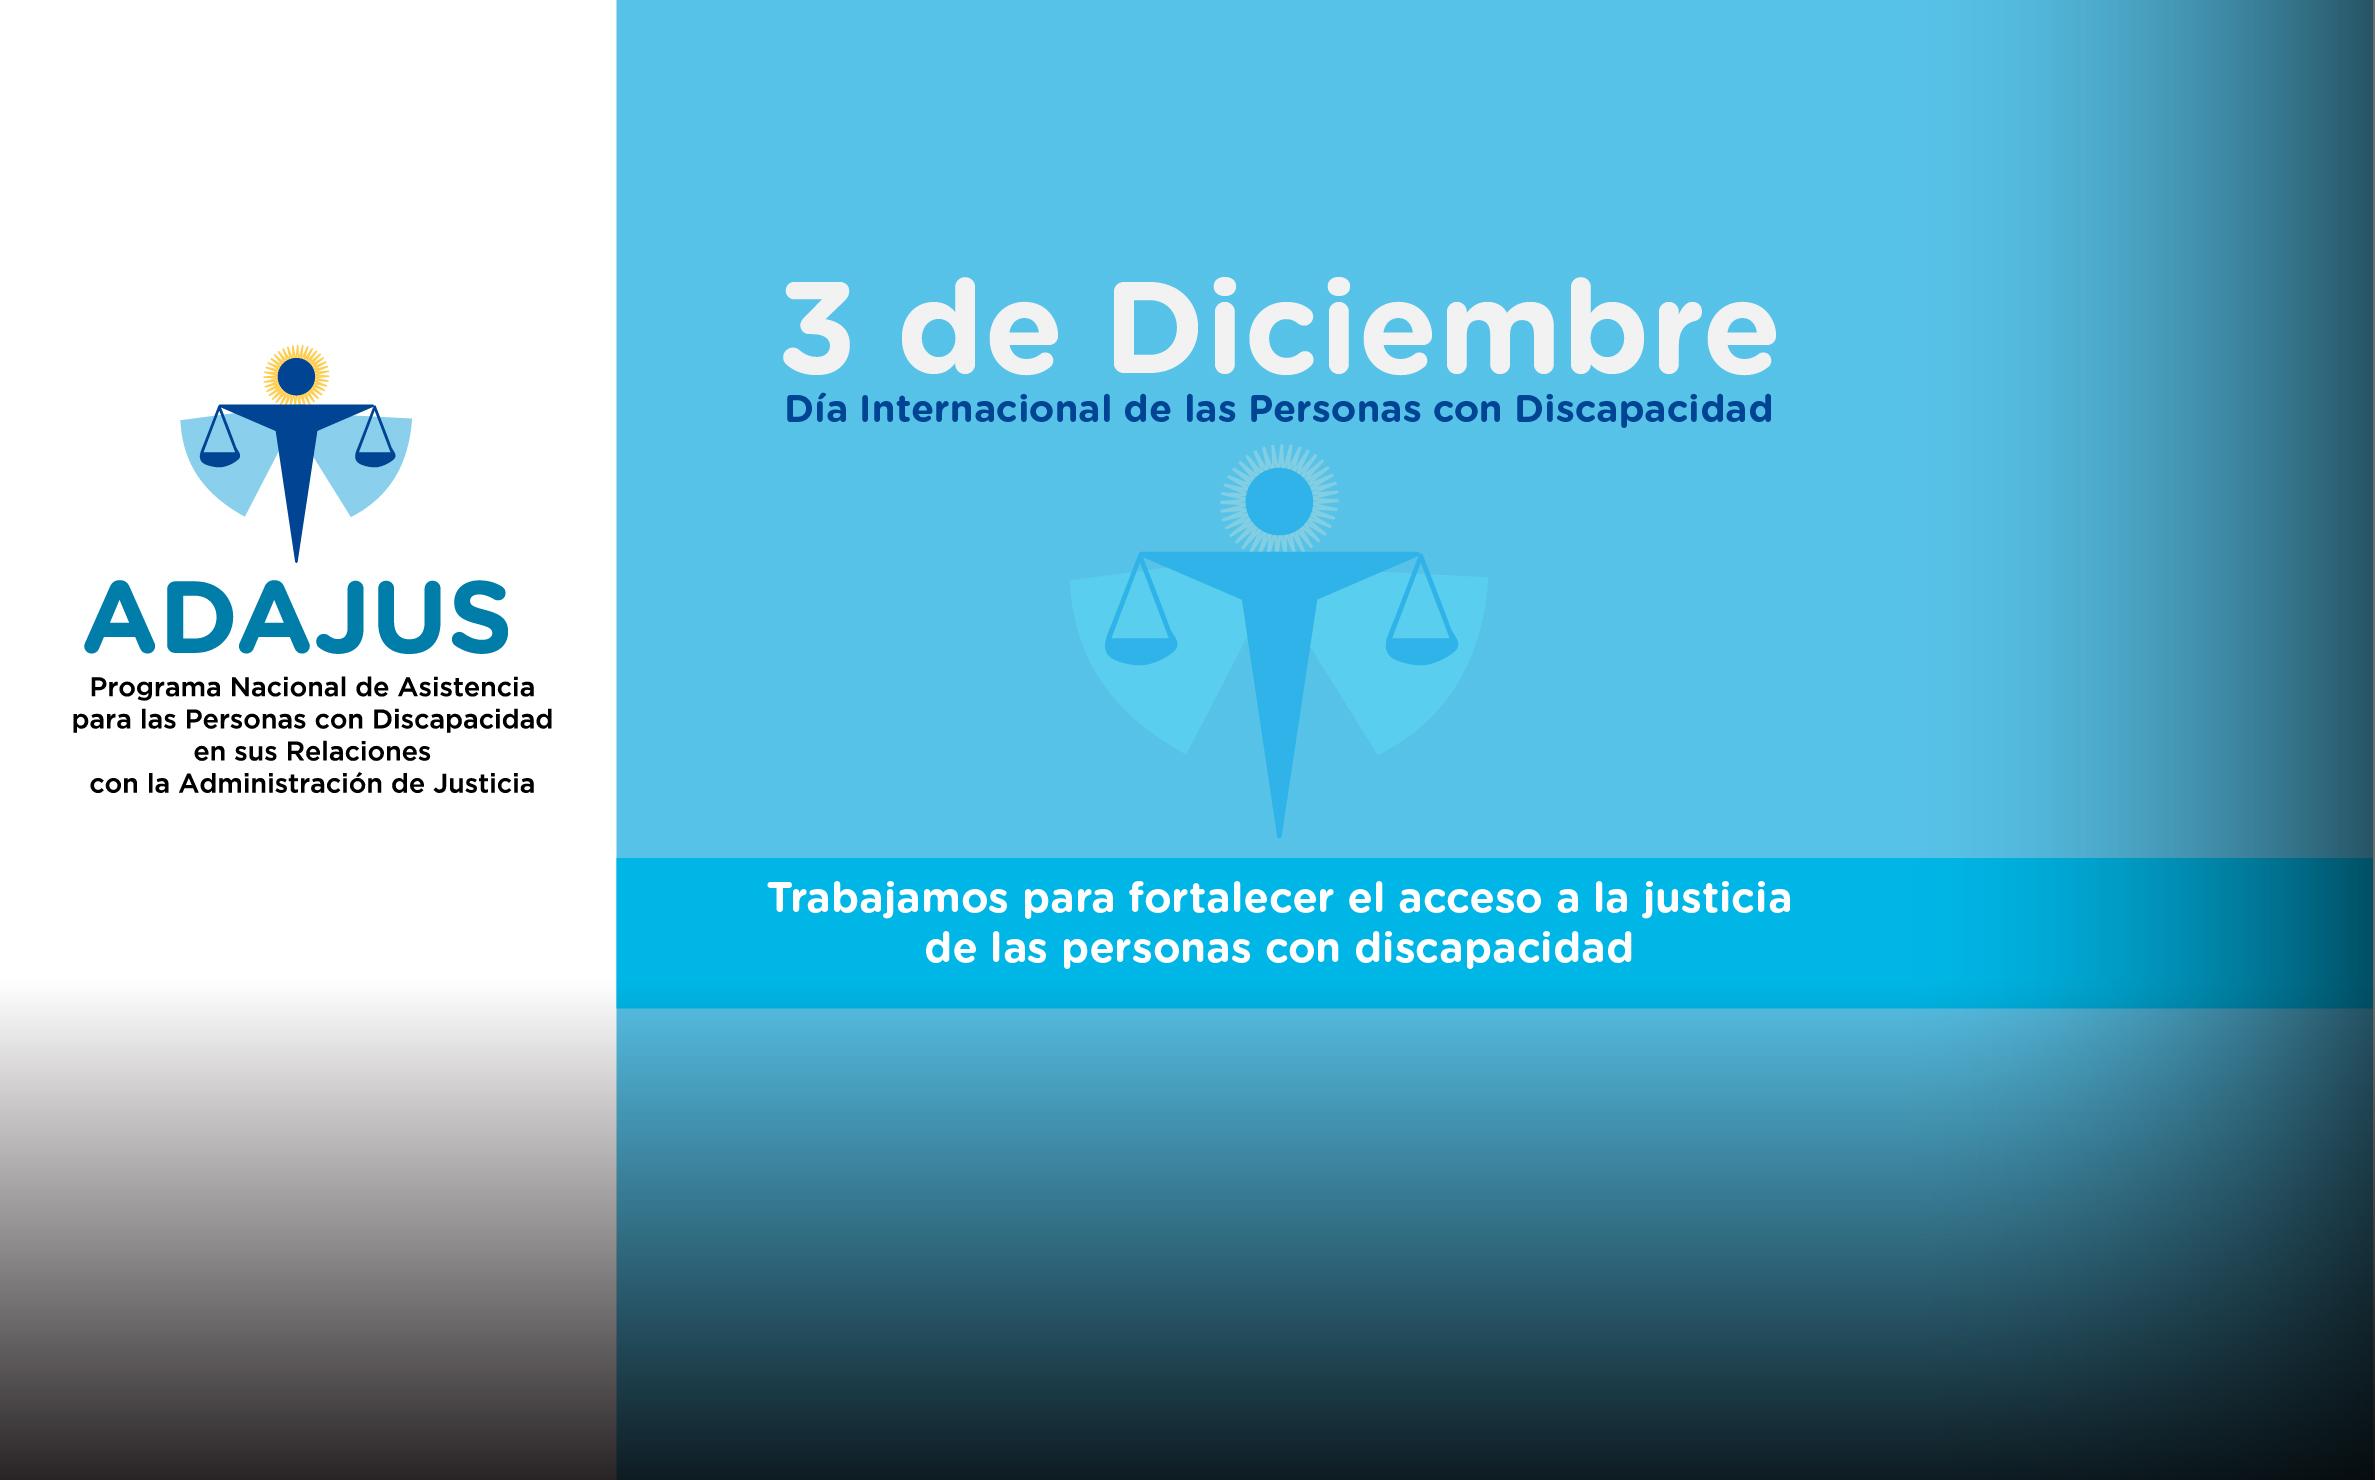 Día Internacional de las Personas con Discapacidad.